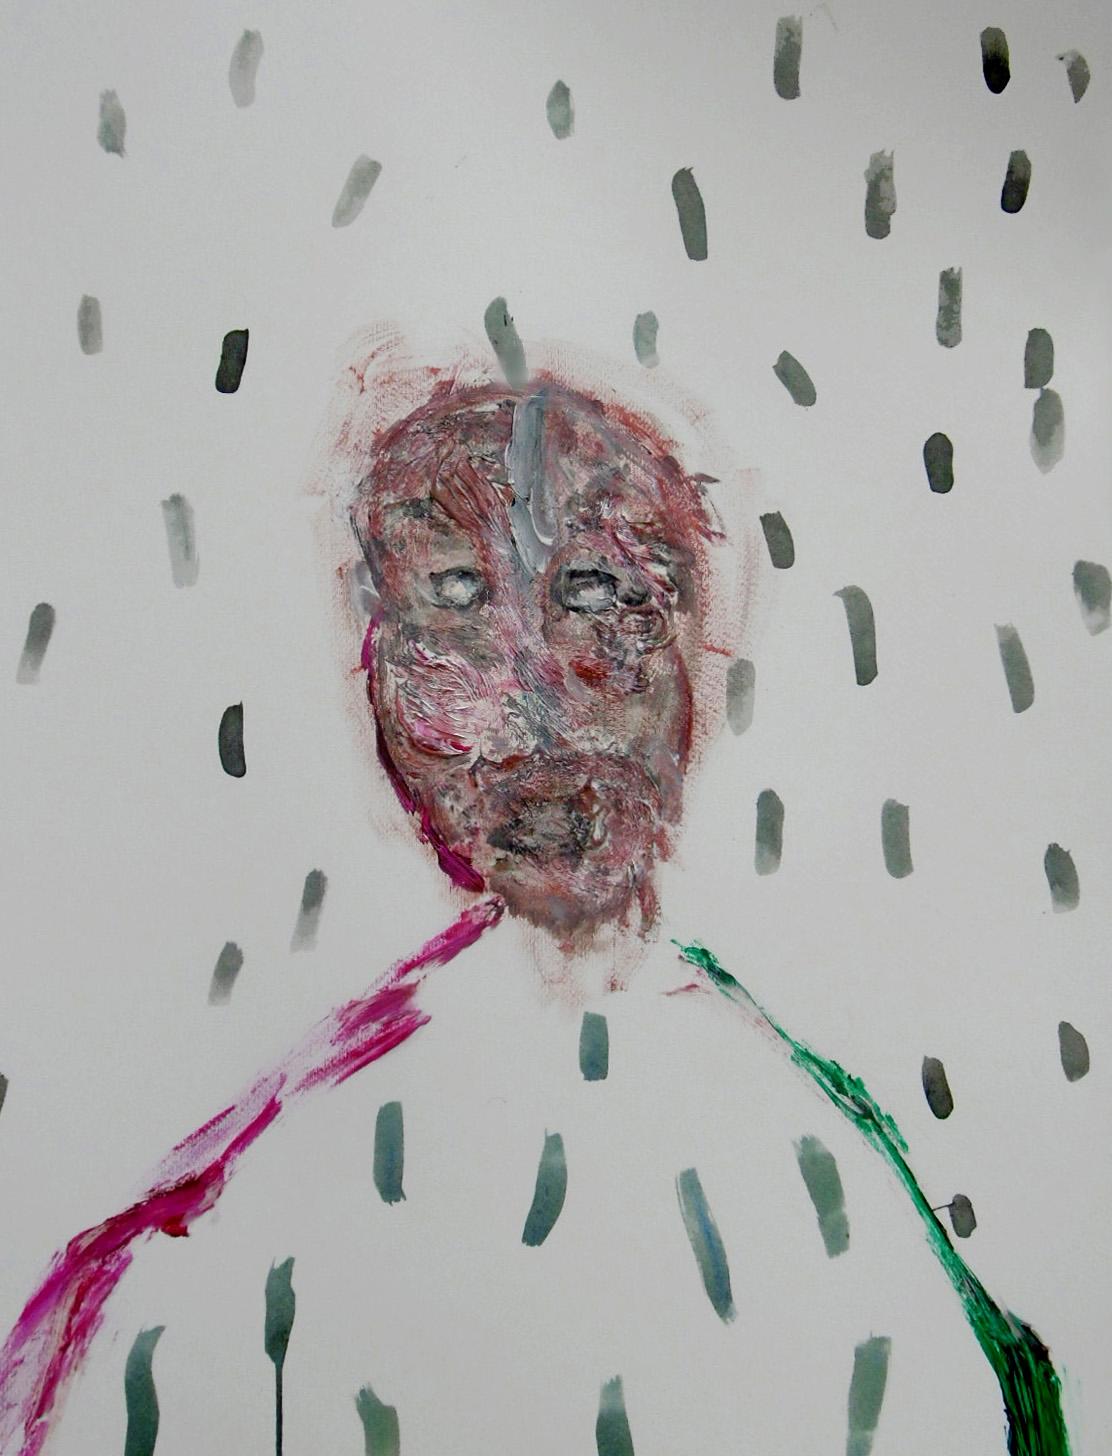 Andrew litten artist on paper